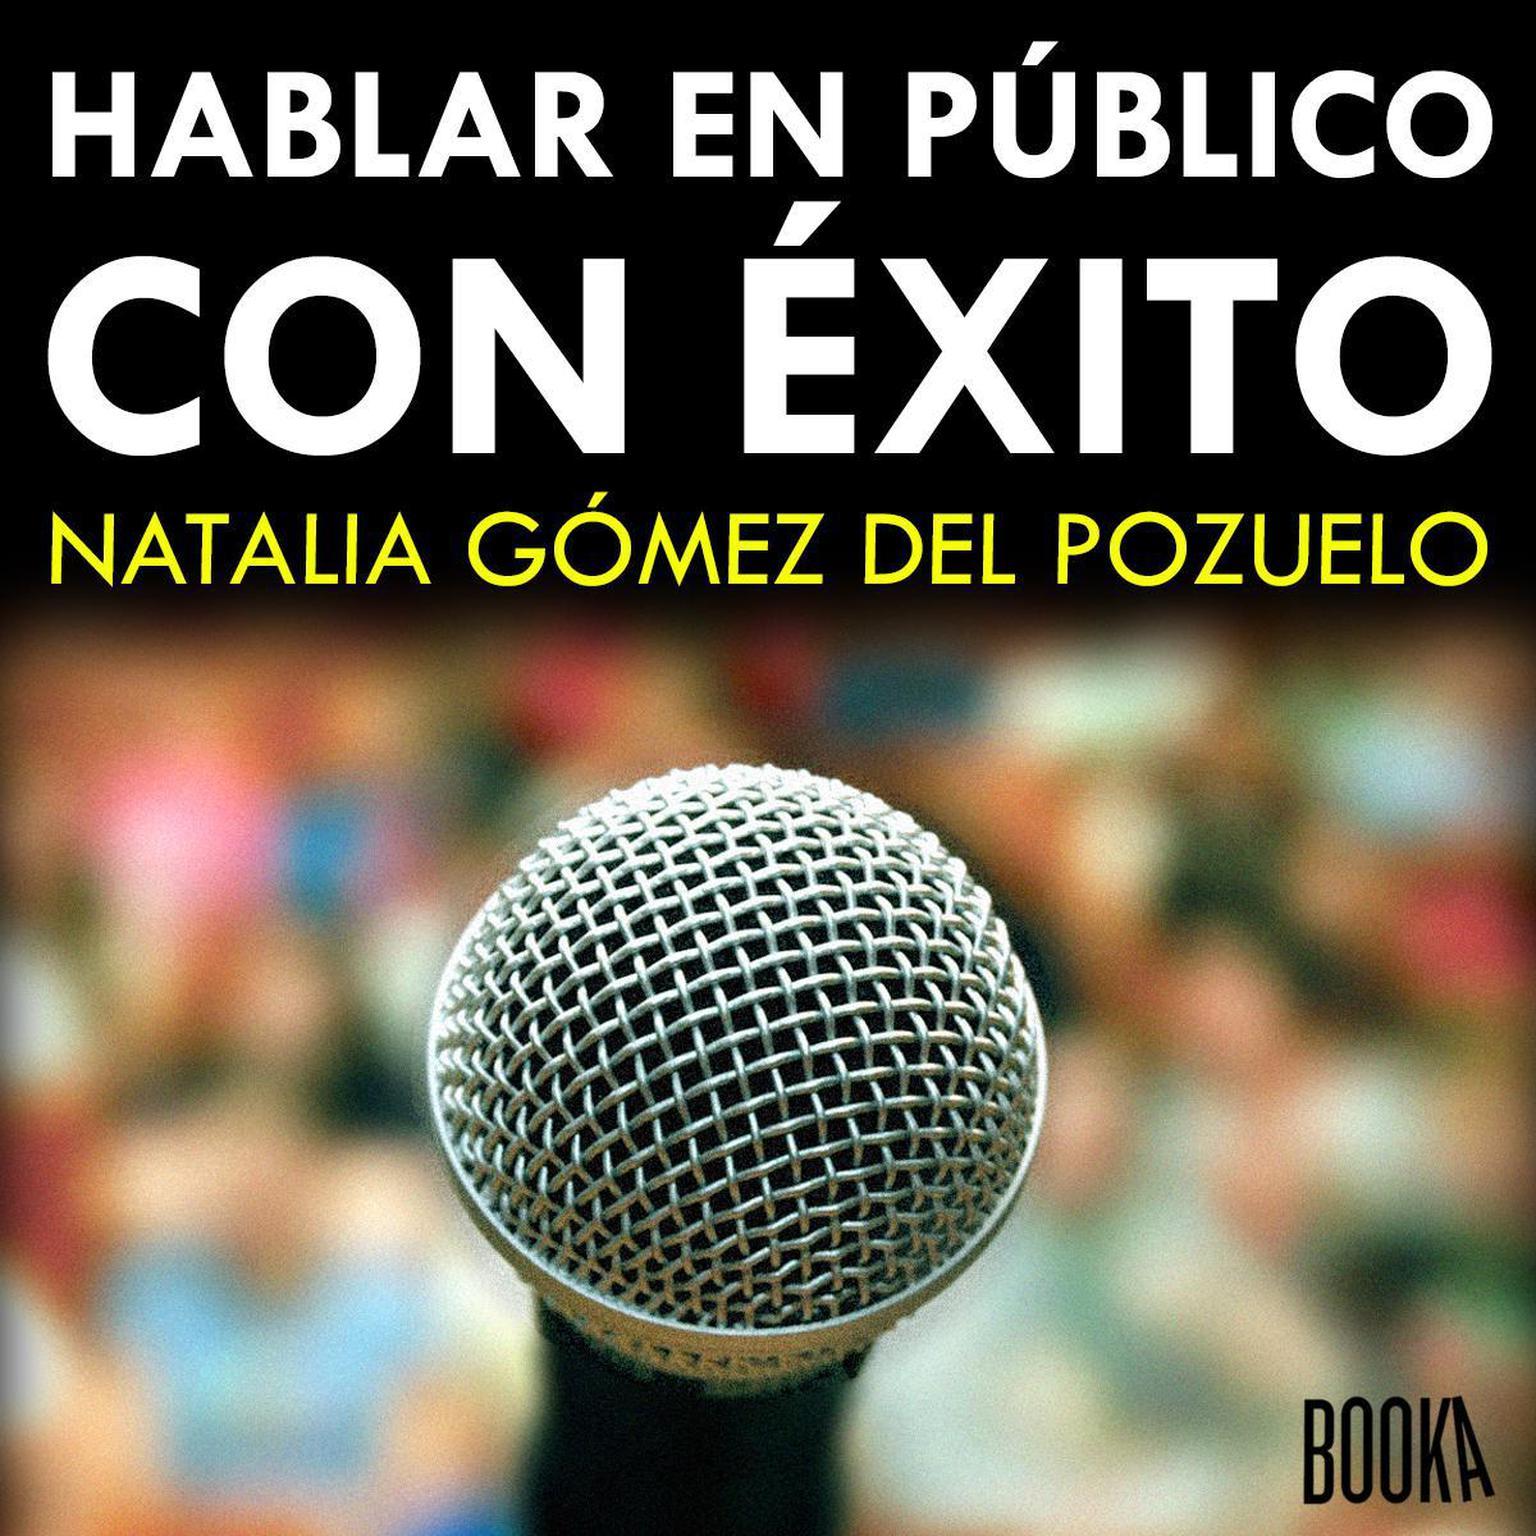 Hablar en publico con exito Audiobook, by Natalia Gomez del Pozuelo